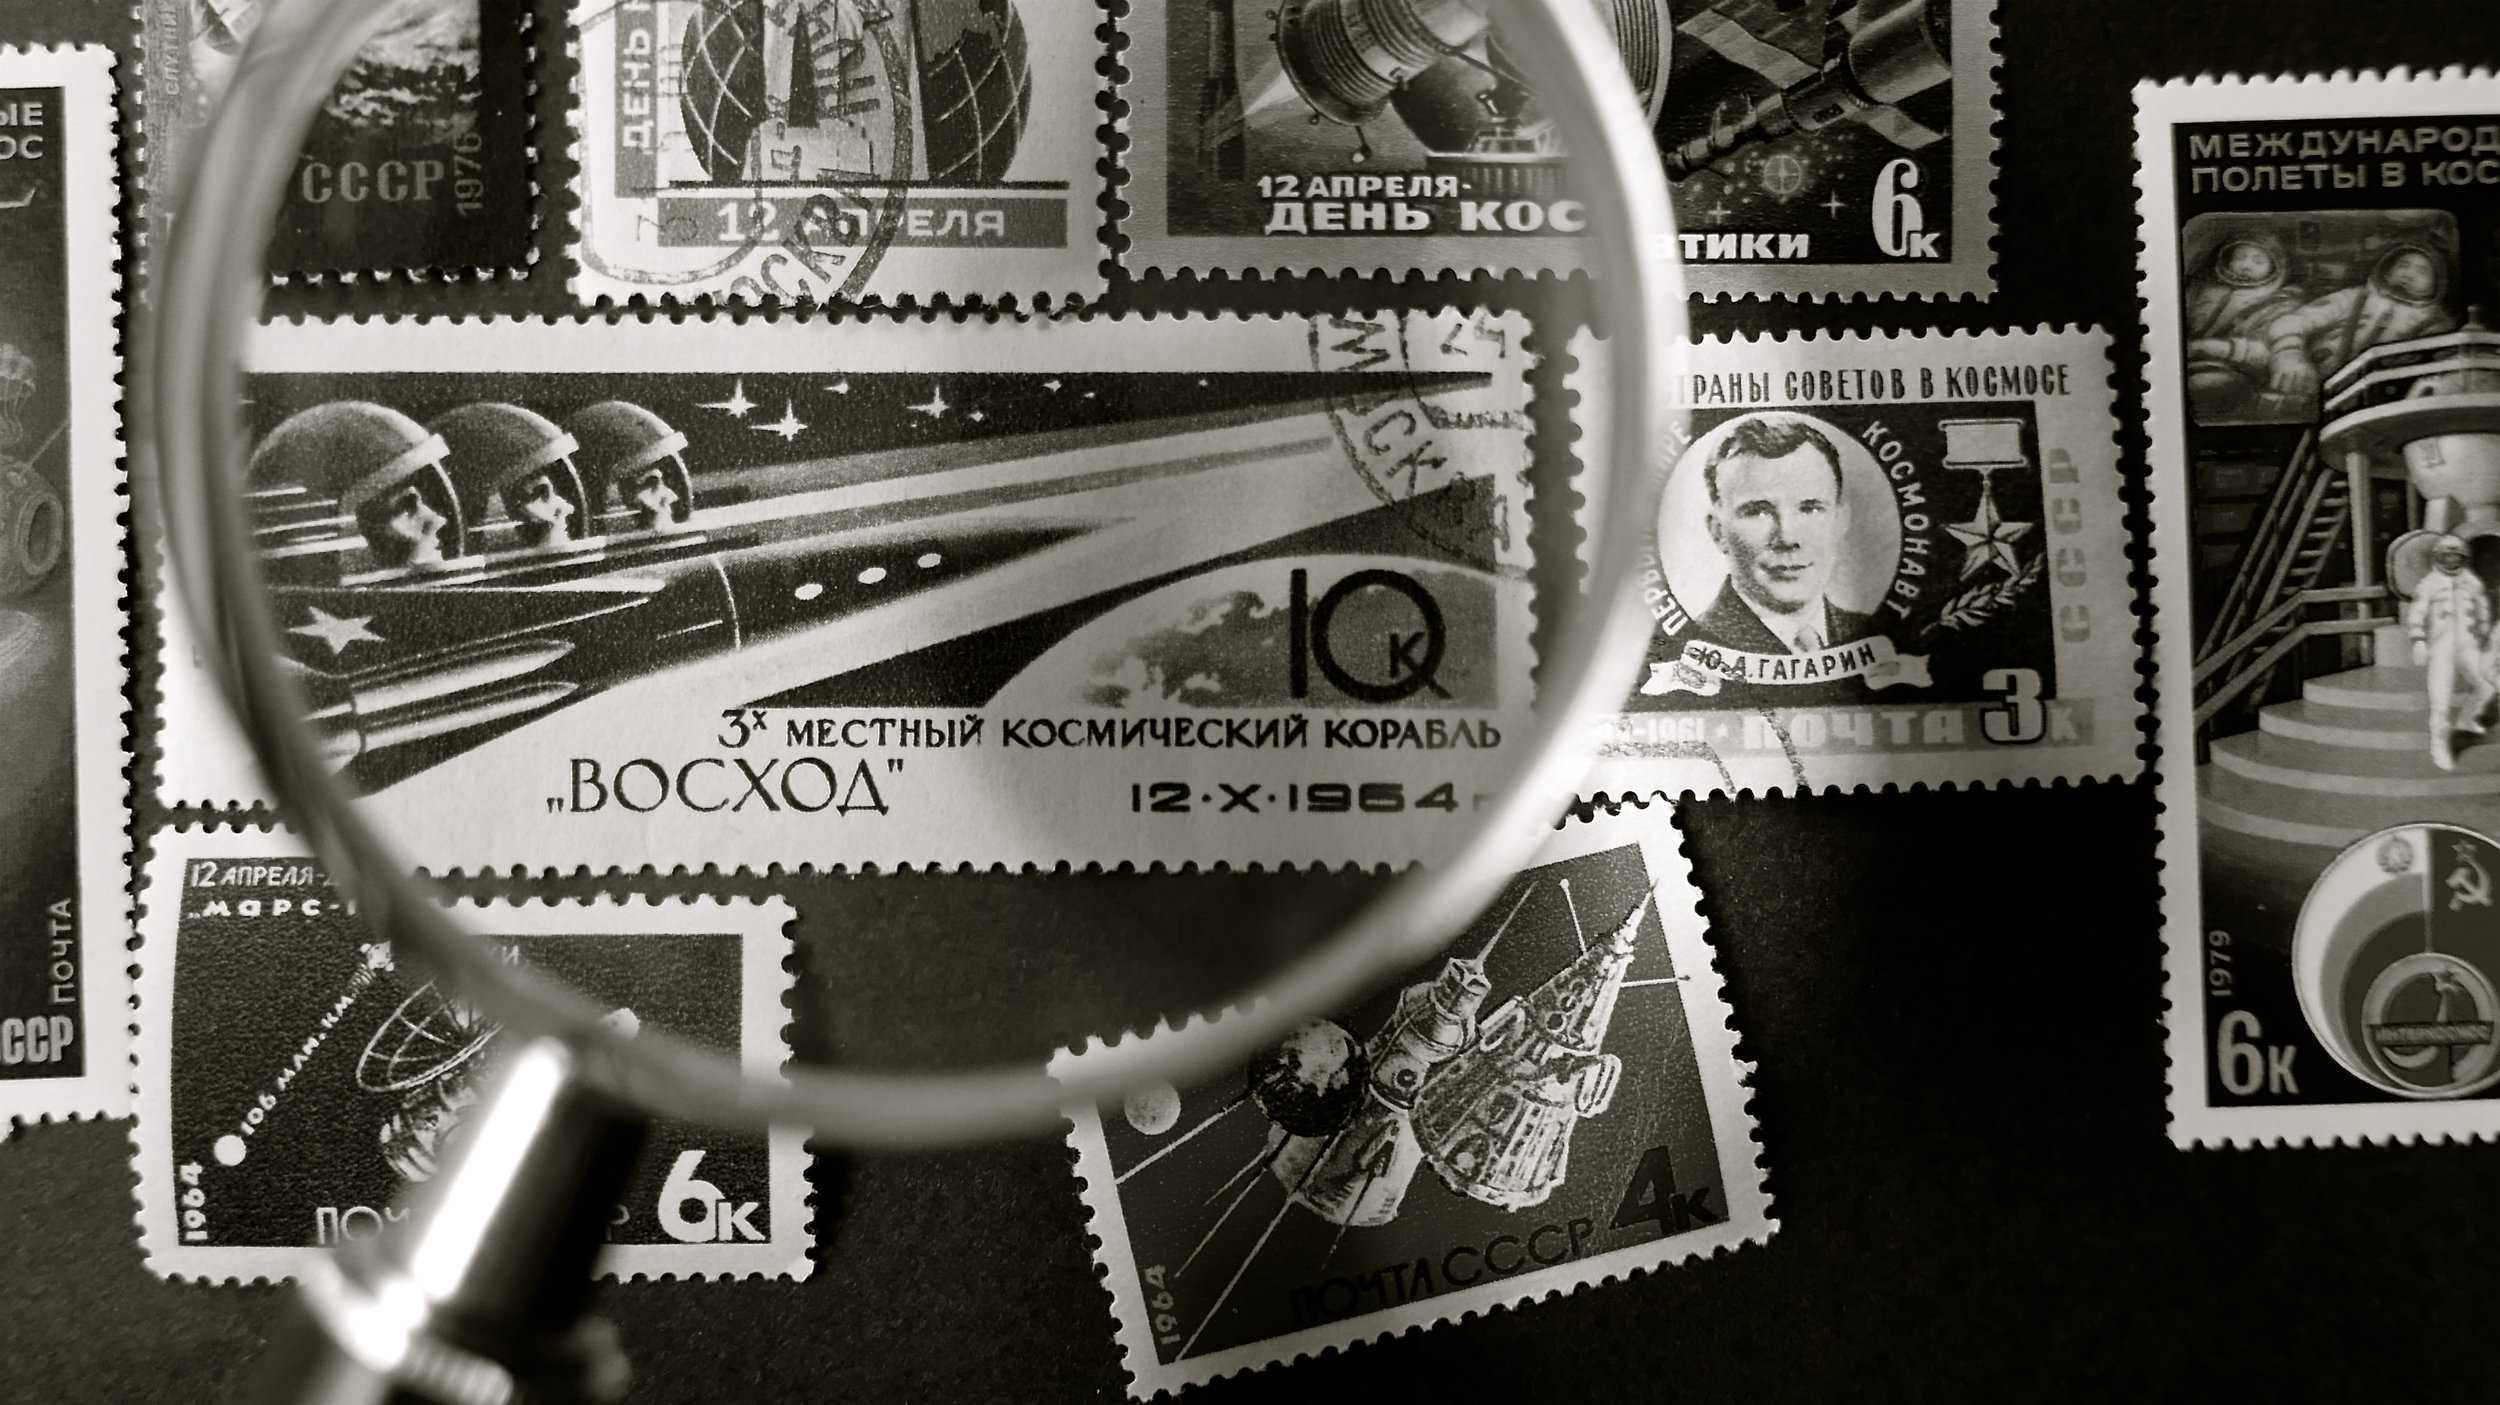 Astronauta CCCP sellos - 3